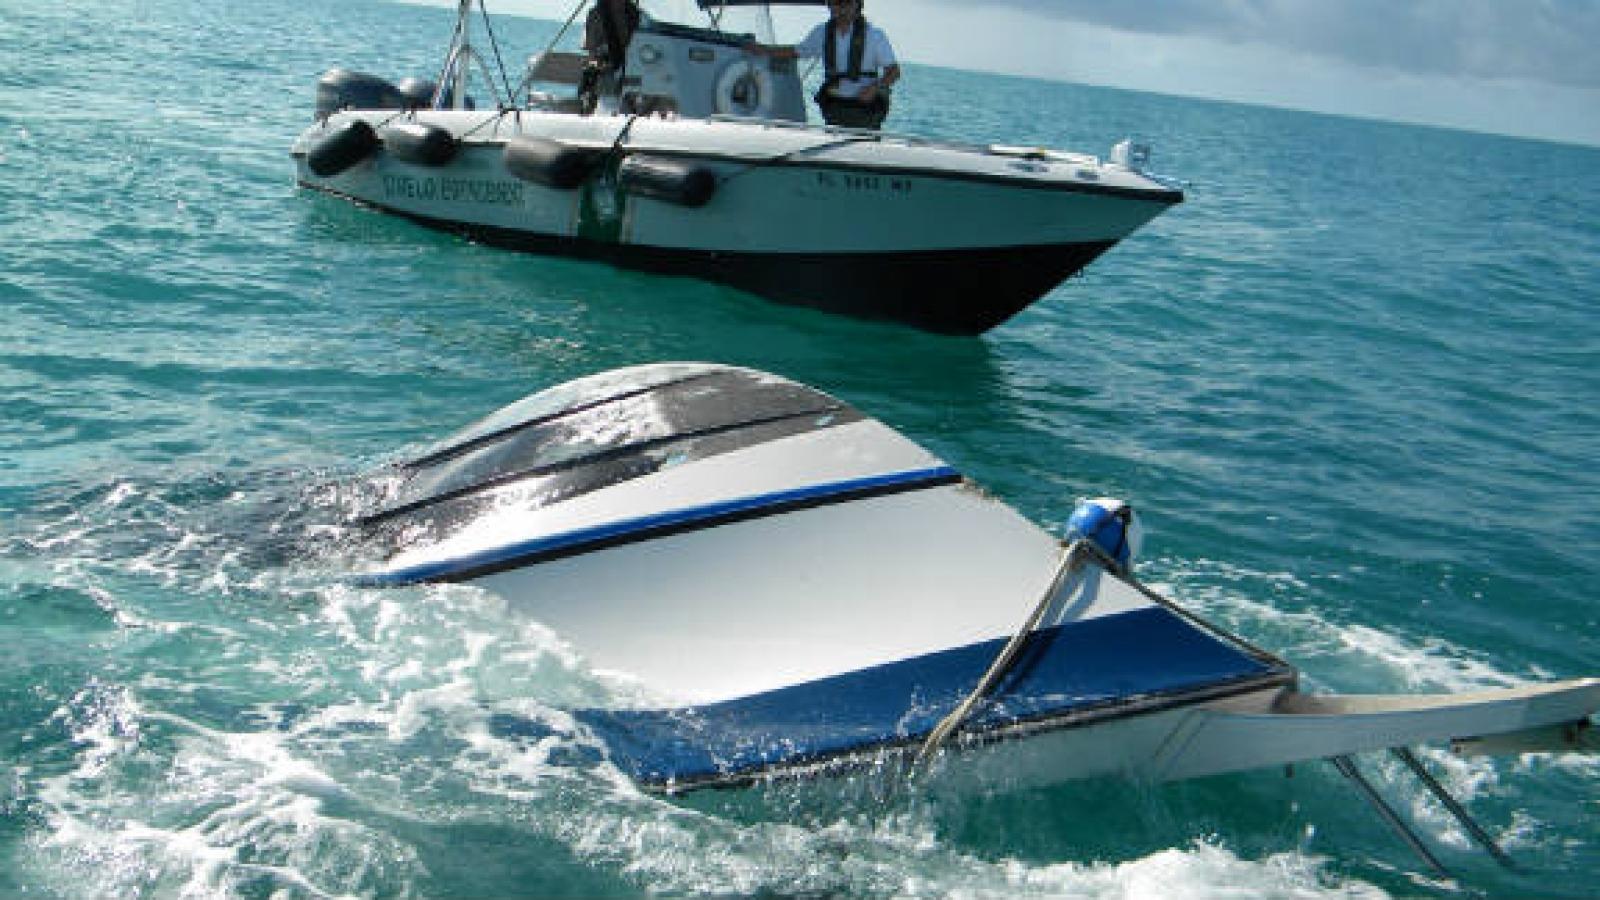 Lật tàu tại Florida (Mỹ) khiến 2 người thiệt mạng, 10 người mất tích